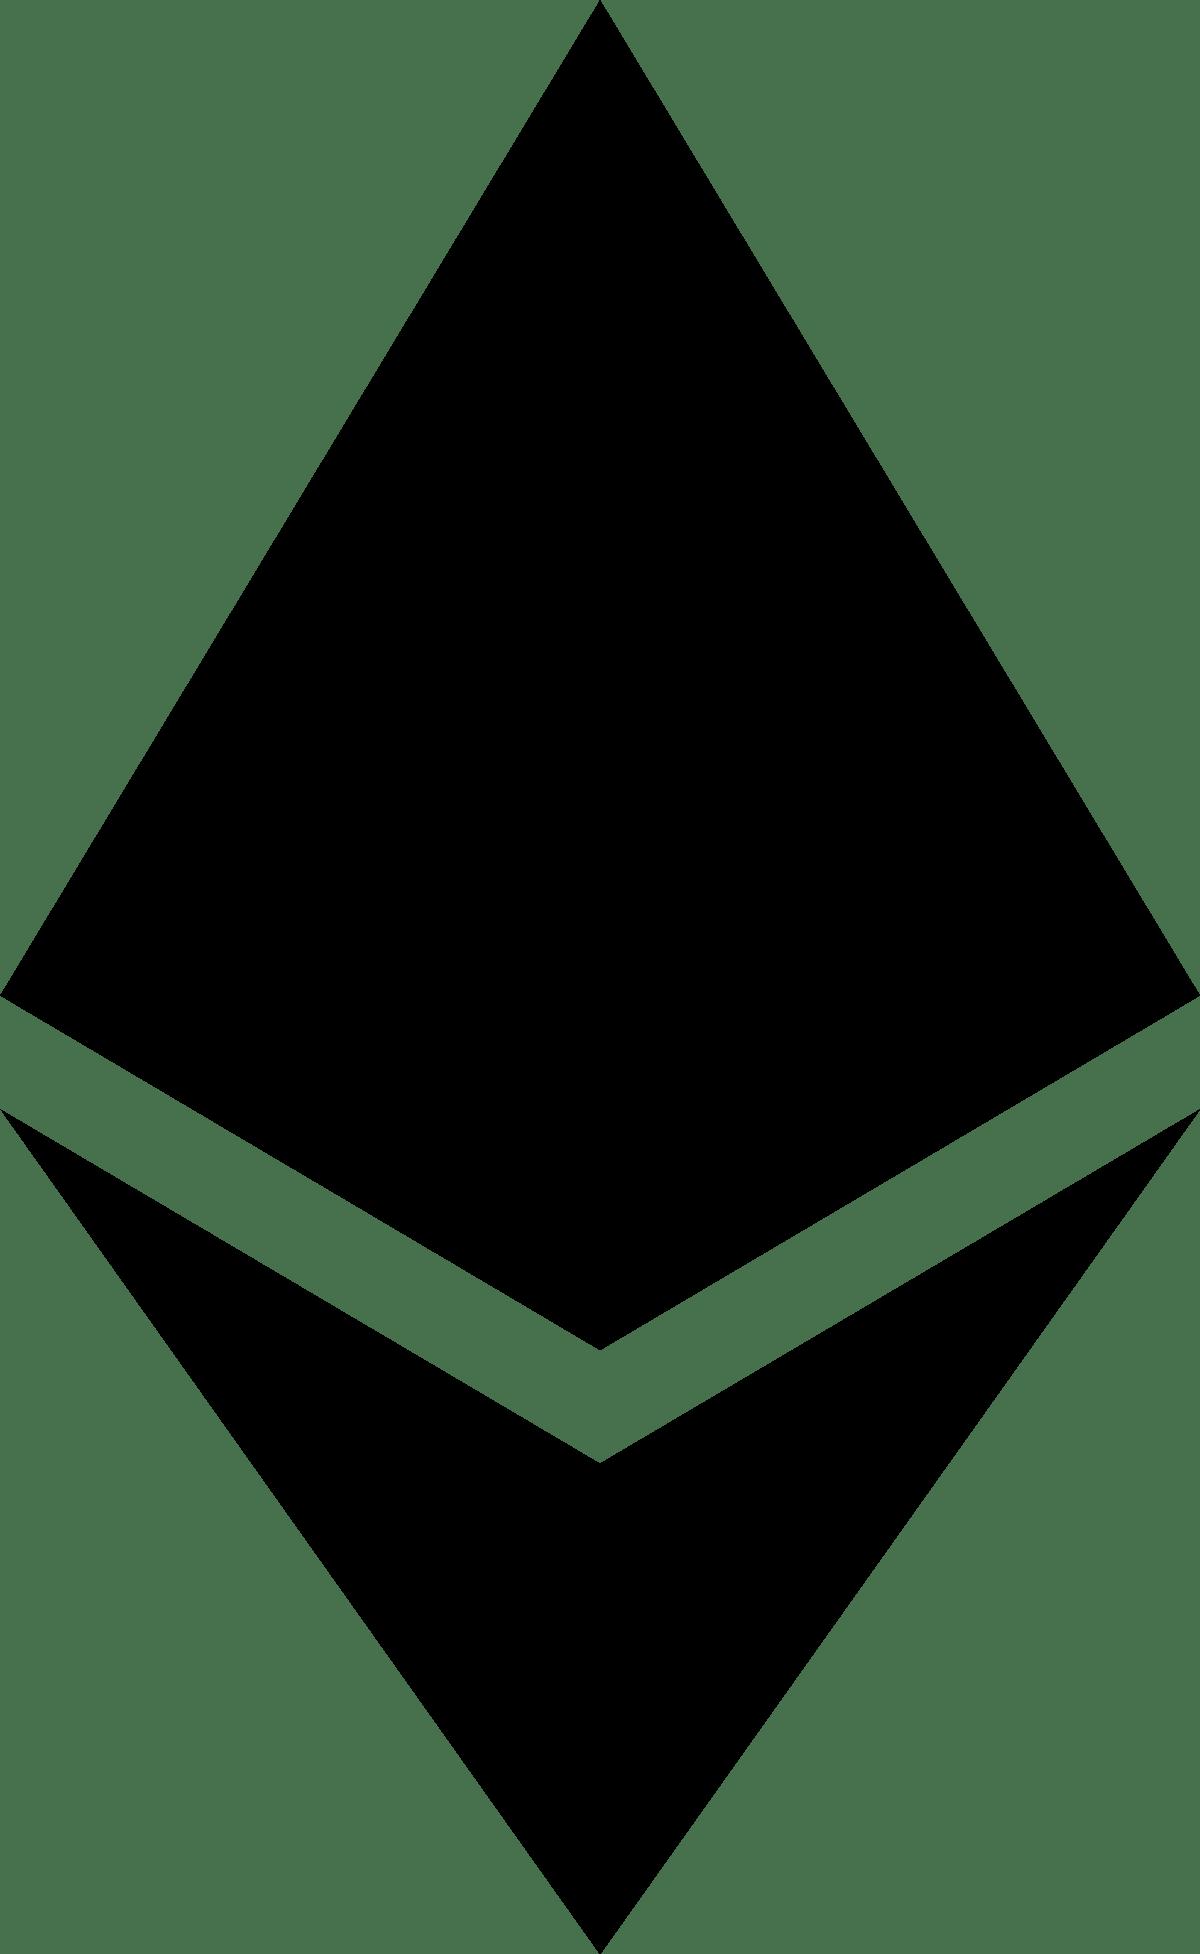 Ethereum icon black